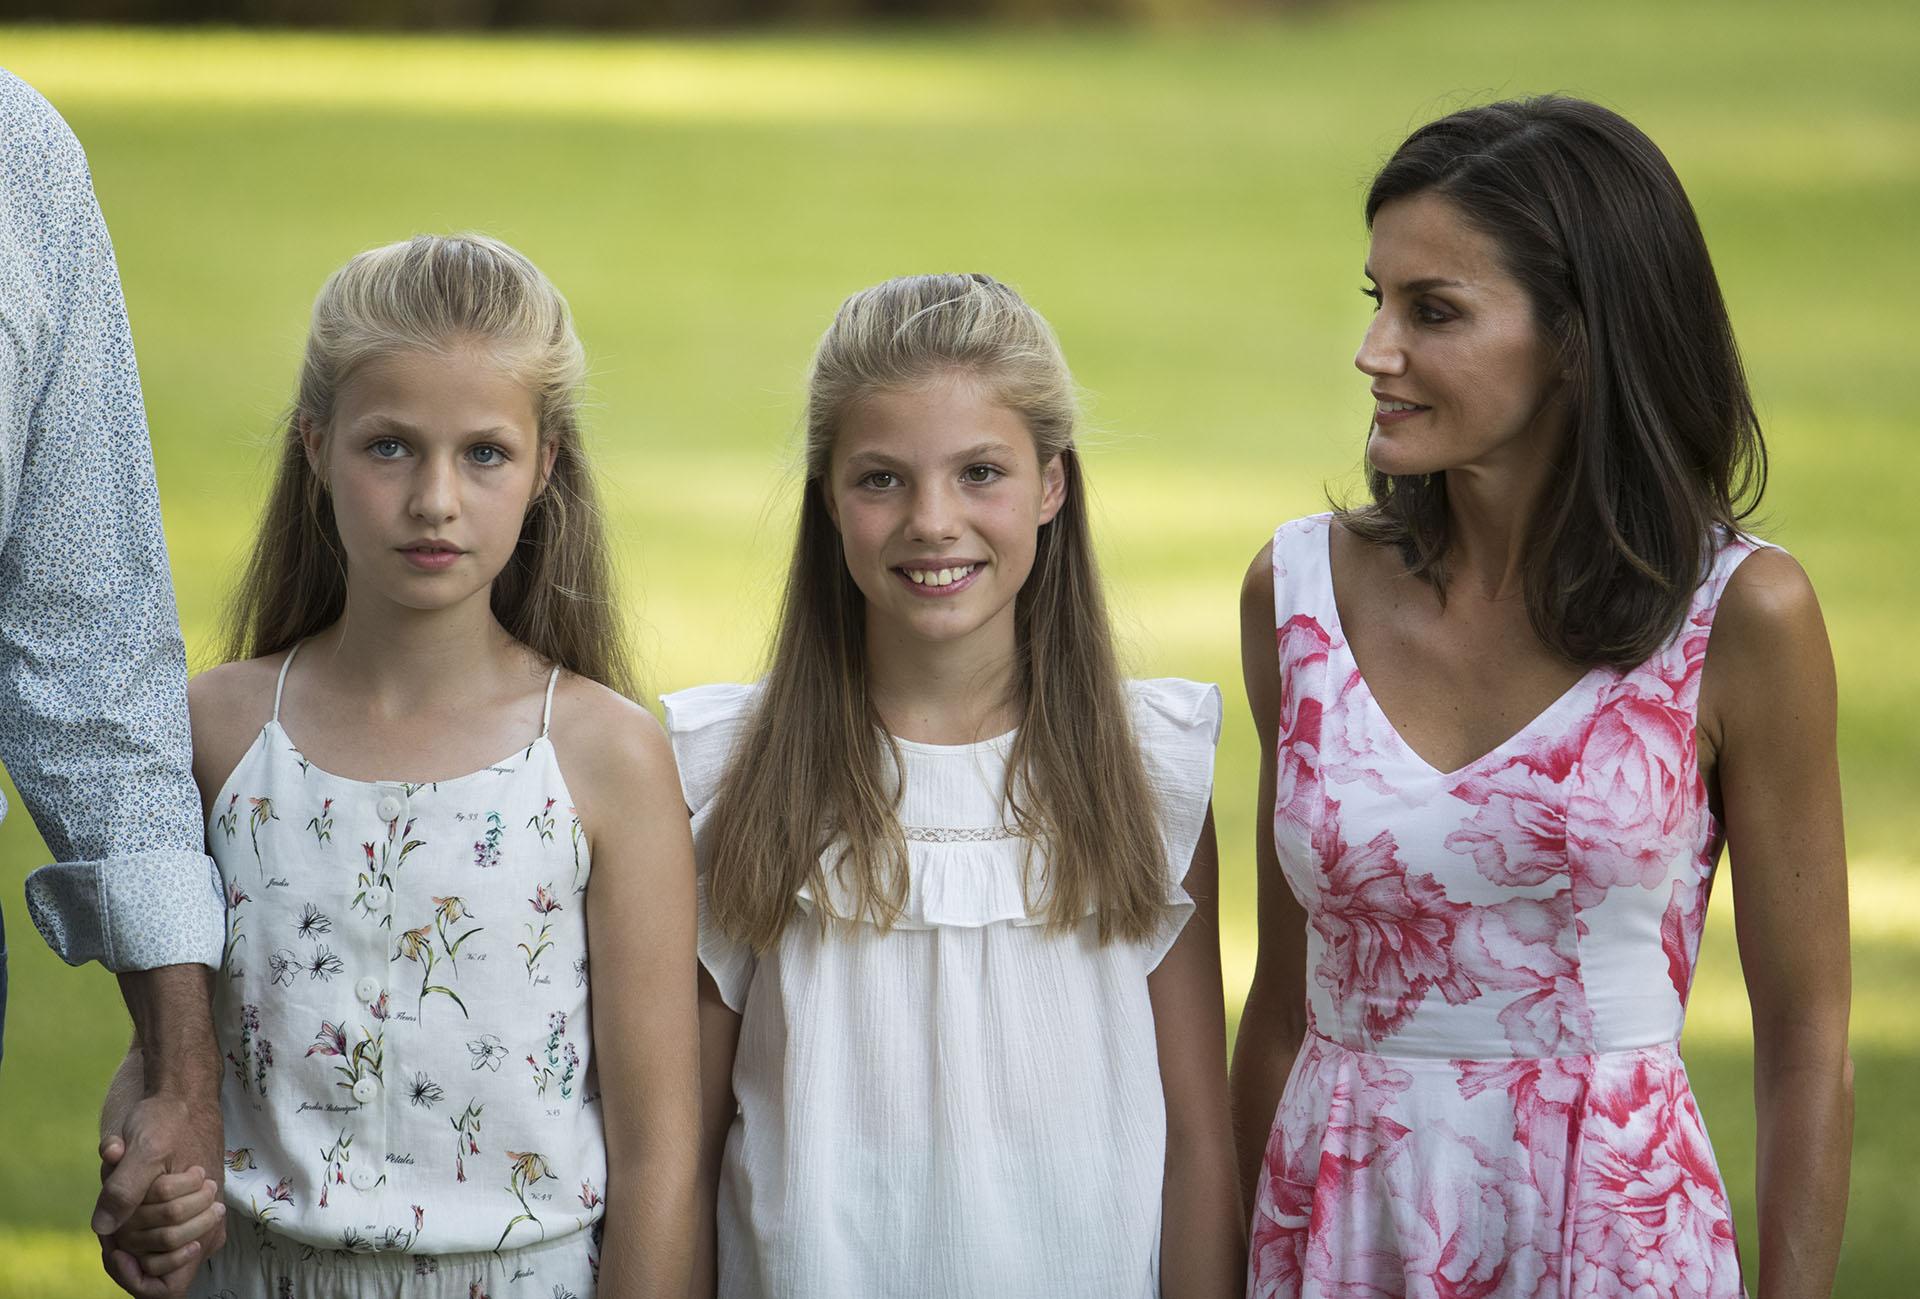 La Reina de España acompañada por sus dos princesas